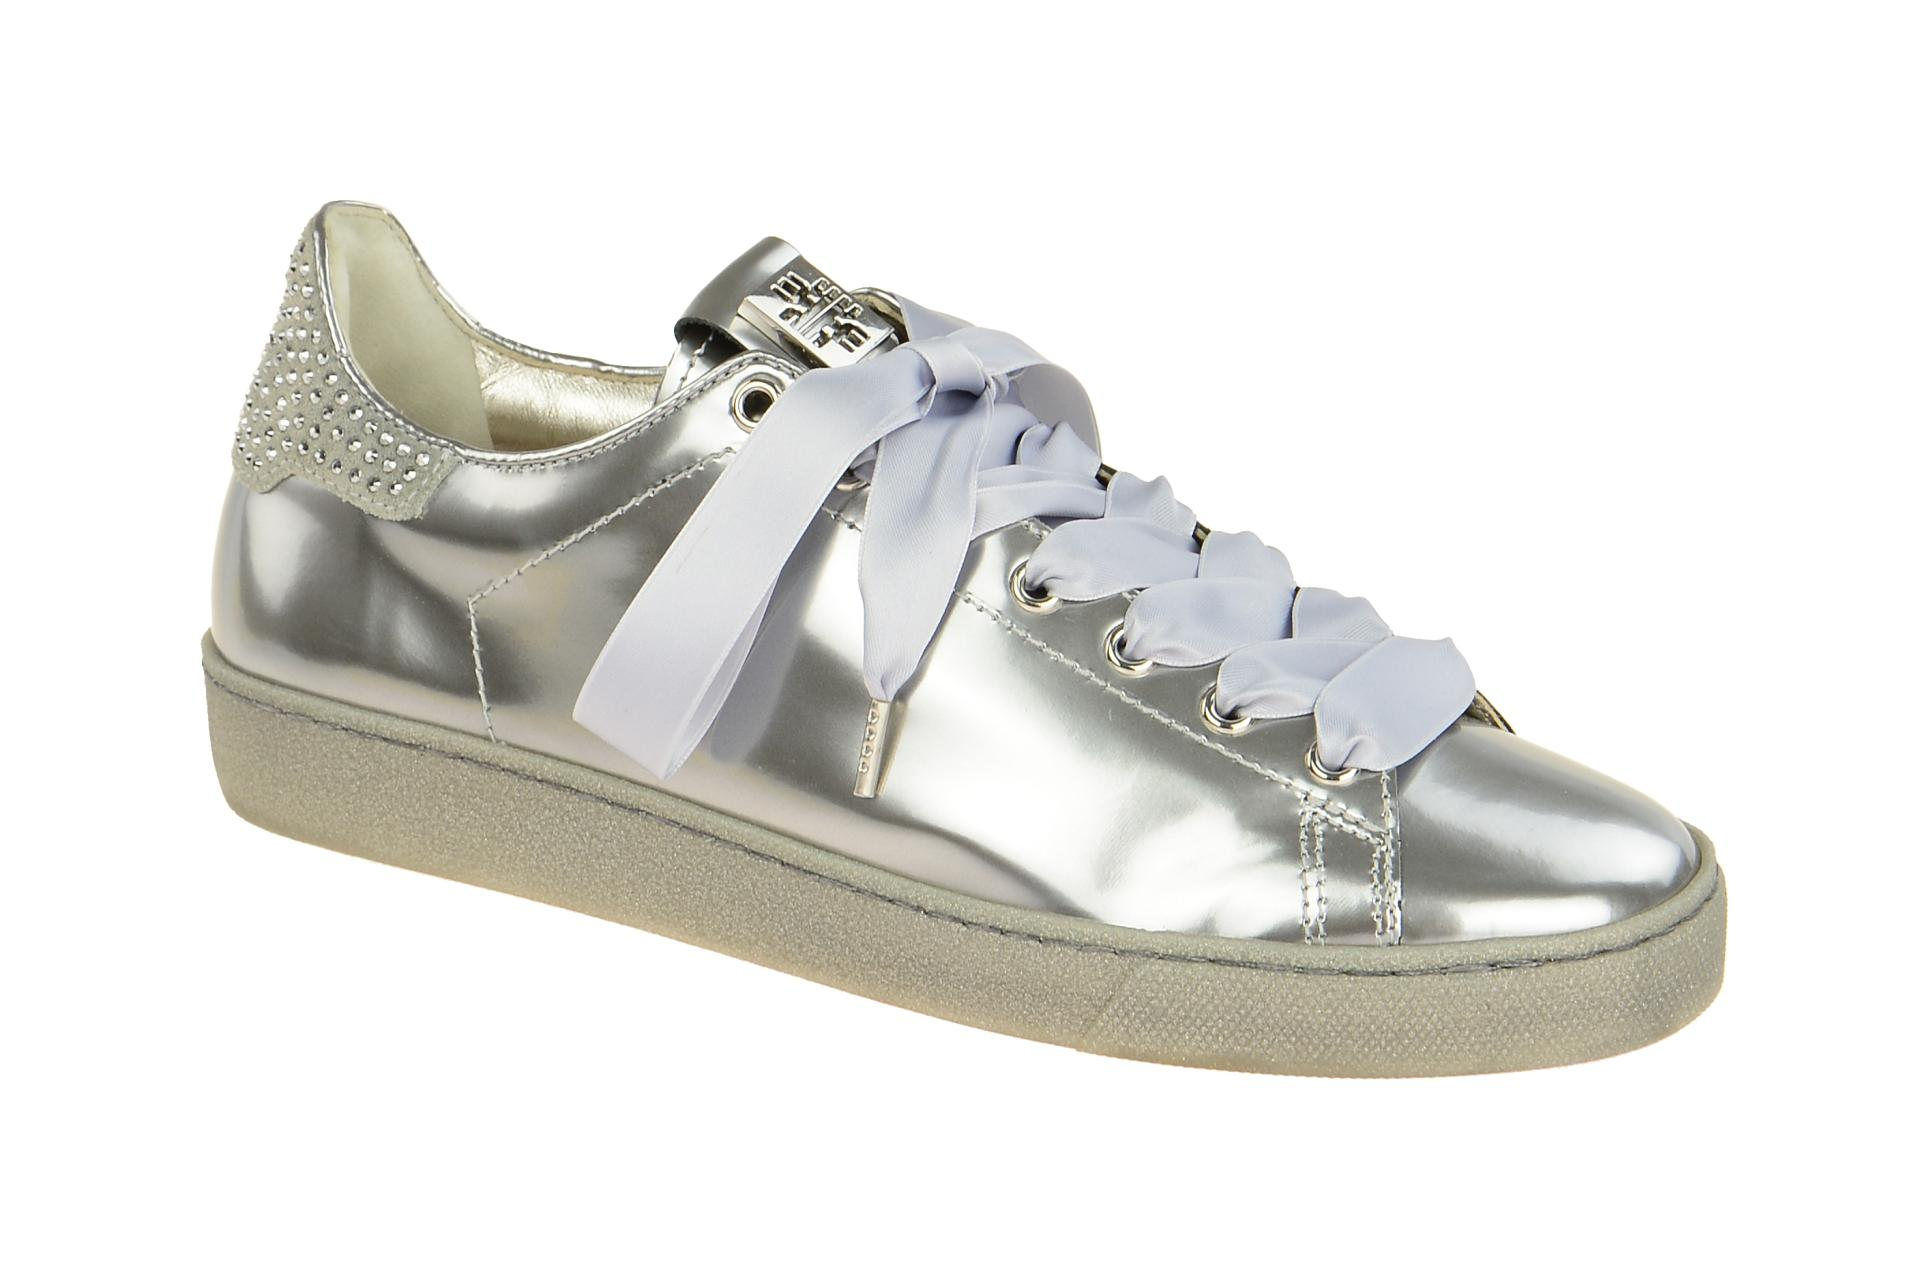 lowest price ce244 84595 Details zu Högl Schuhe 0354 grau Damenschuhe Halbschuhe 4-11 0354 7600 NEU